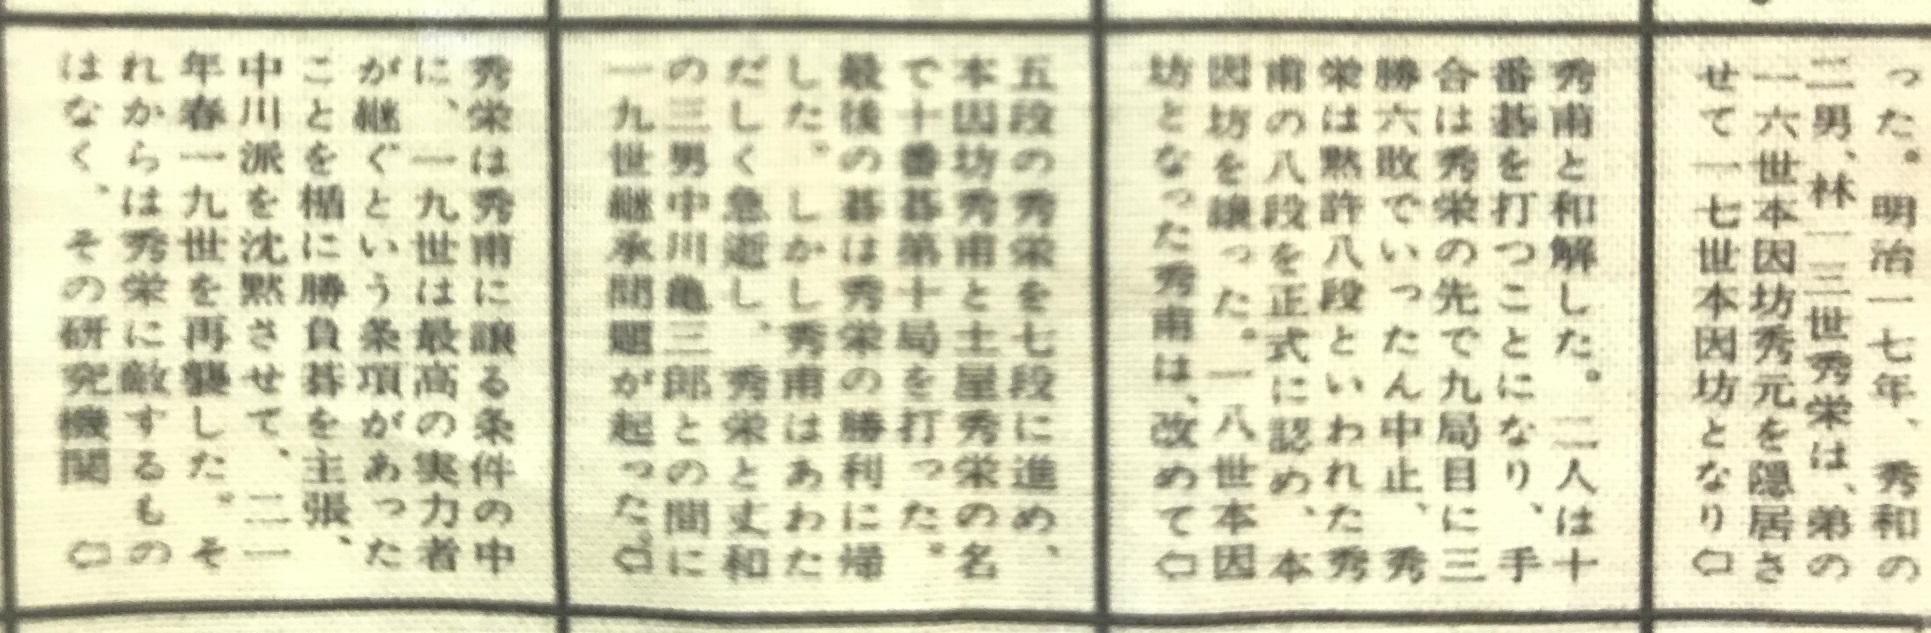 『囲碁百科ハンカチ』 その46